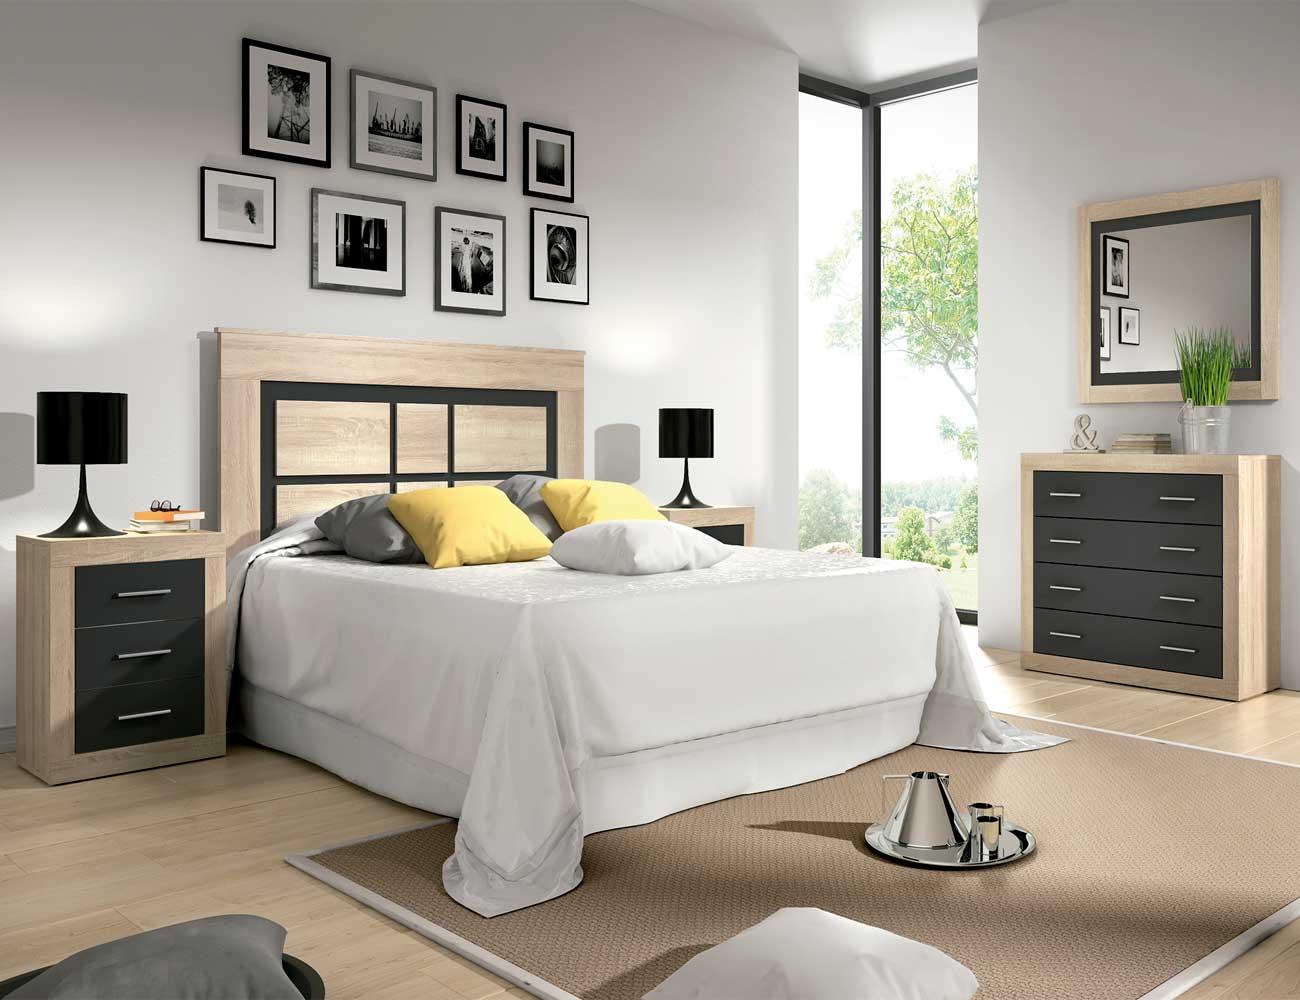 Dormitorio matrimonio estilo moderno cambrian blanco for Estilo moderno